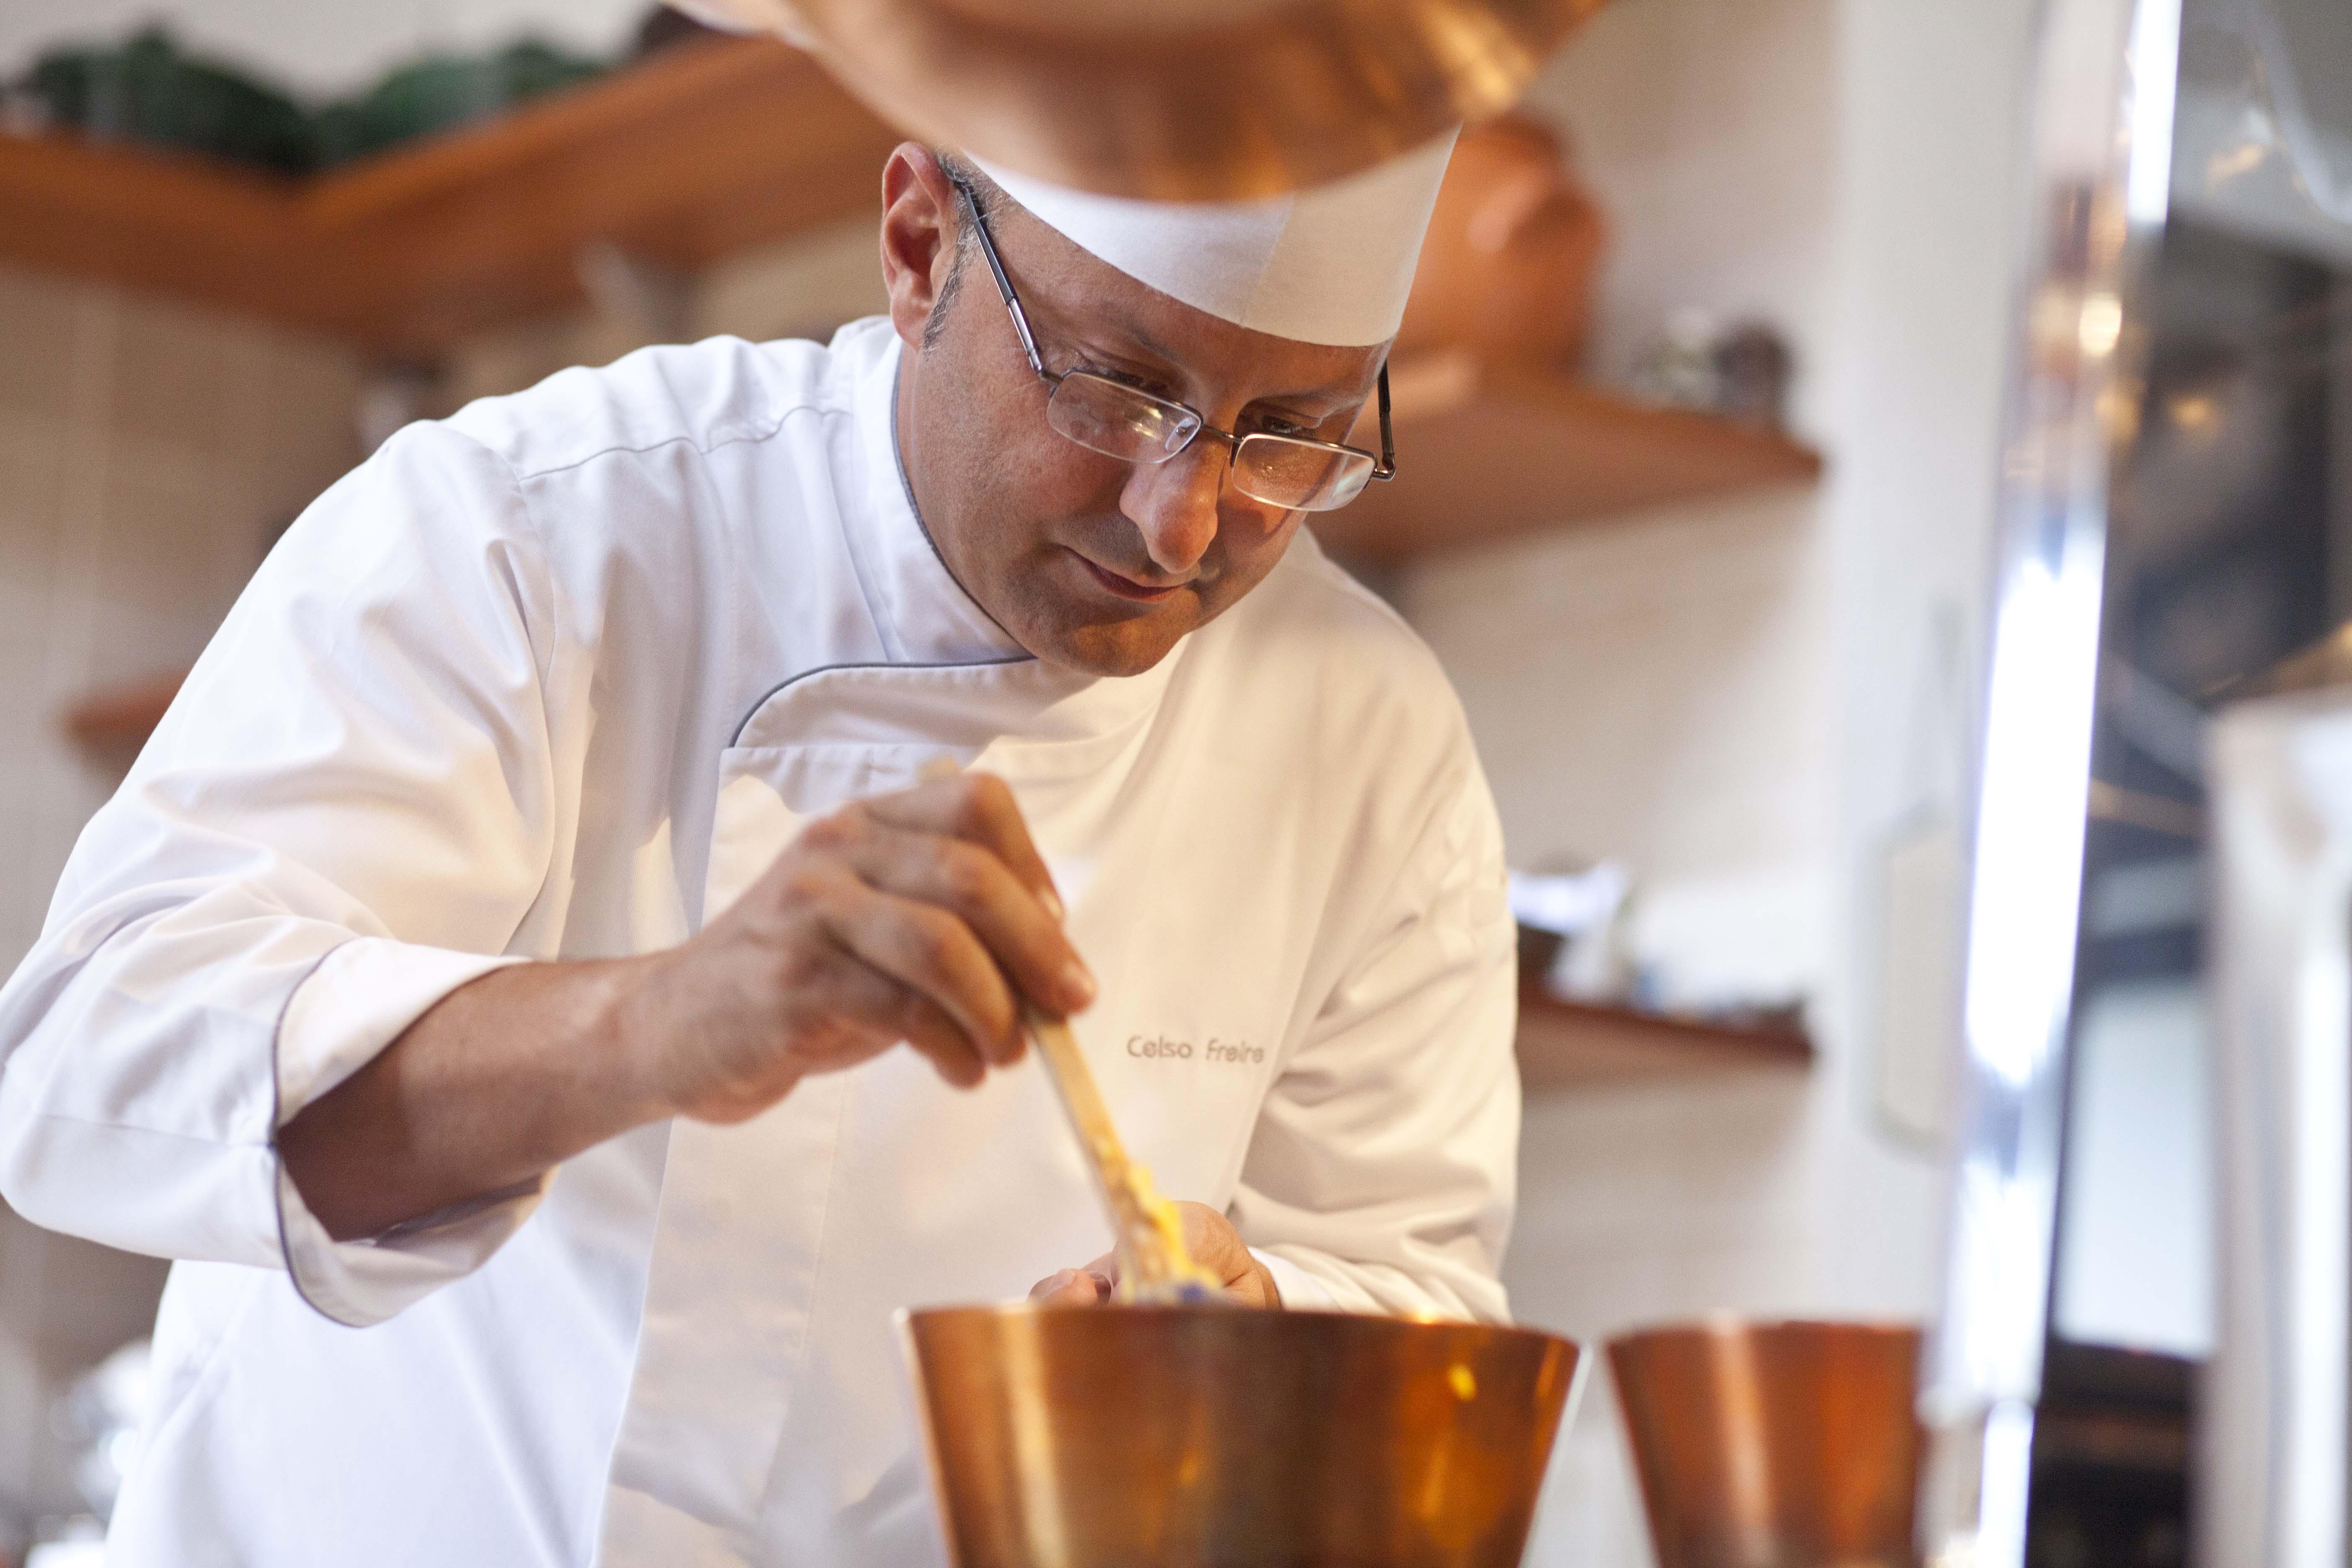 Celso Freire comanda o Morretes Chef, festival gastronômico com 10 chefs renomados que explora a produção local de ingredientes